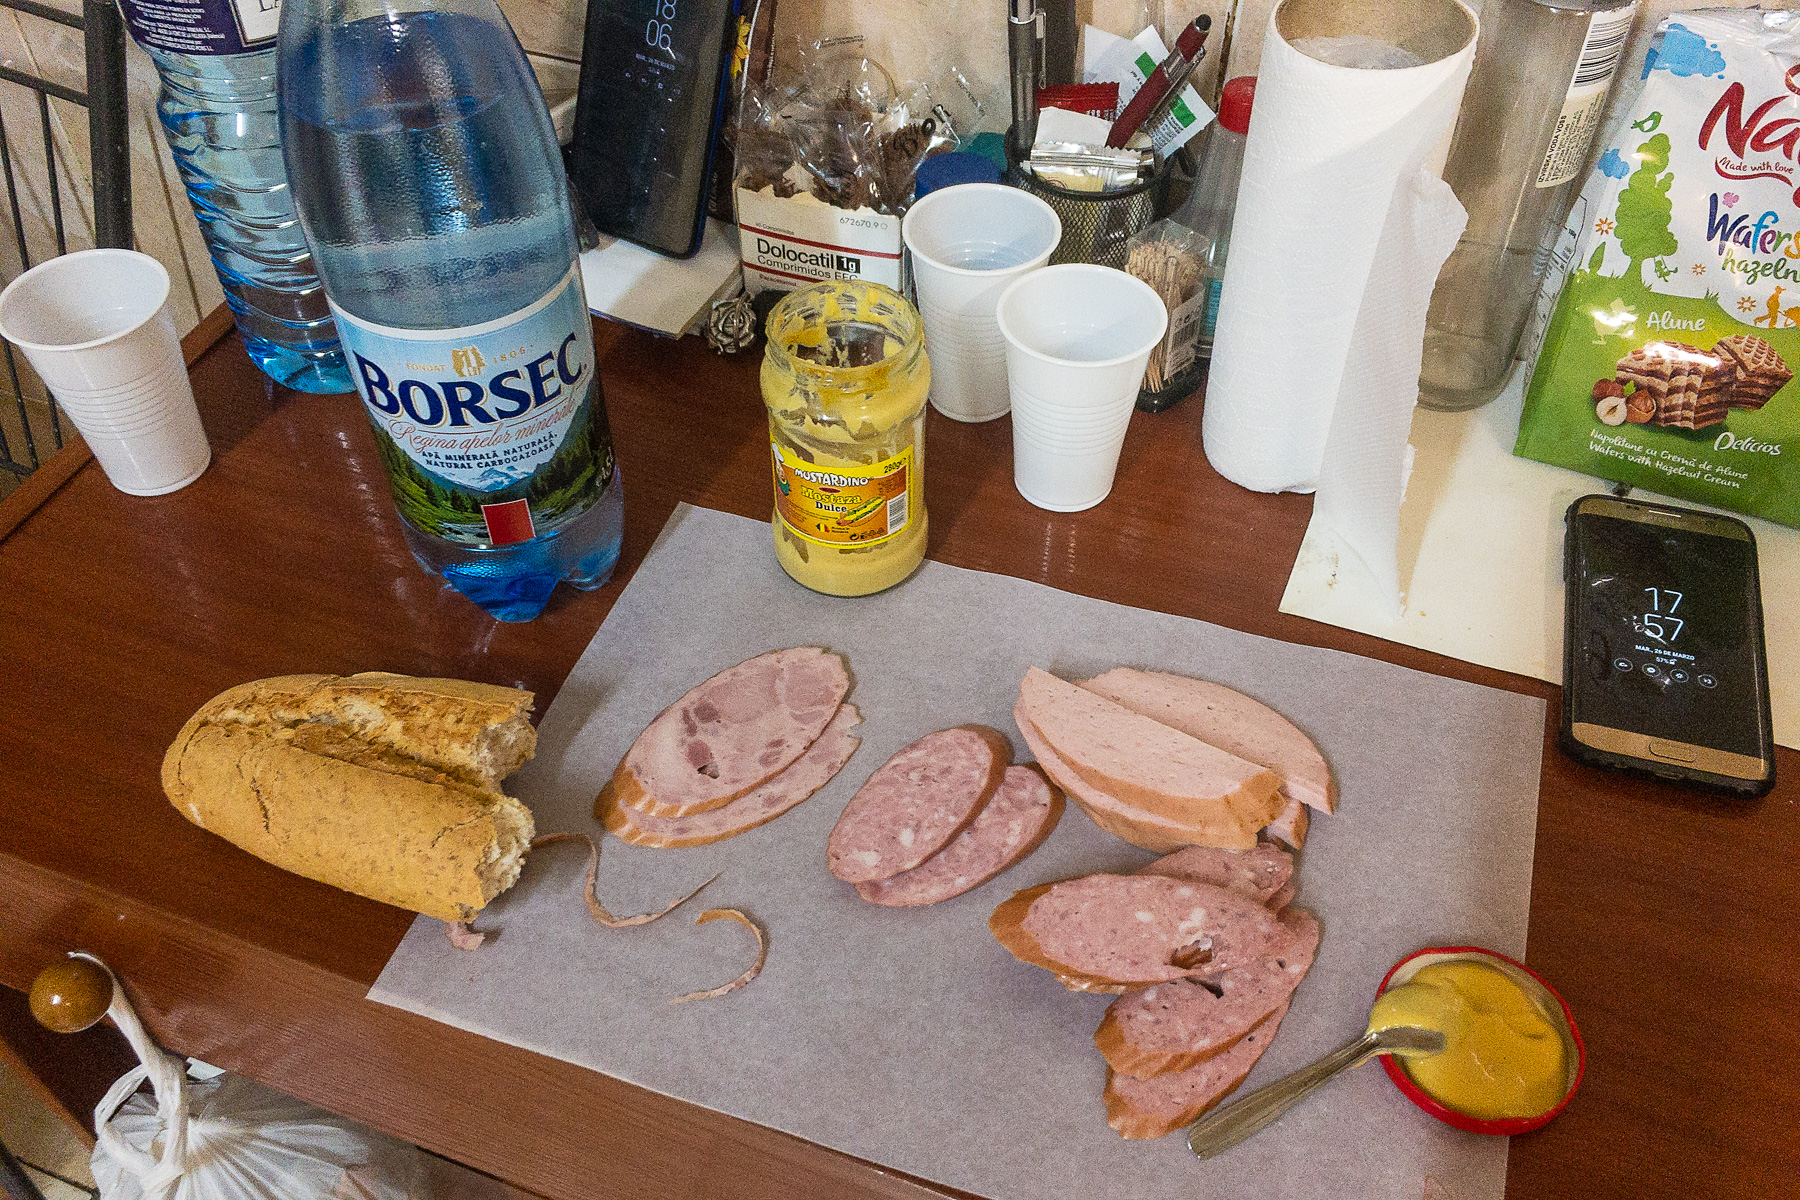 Cum sărbătoresc Paștele românii din Spania care vorbesc cu copiii în limba română, iar aceștia le răspund în castellano